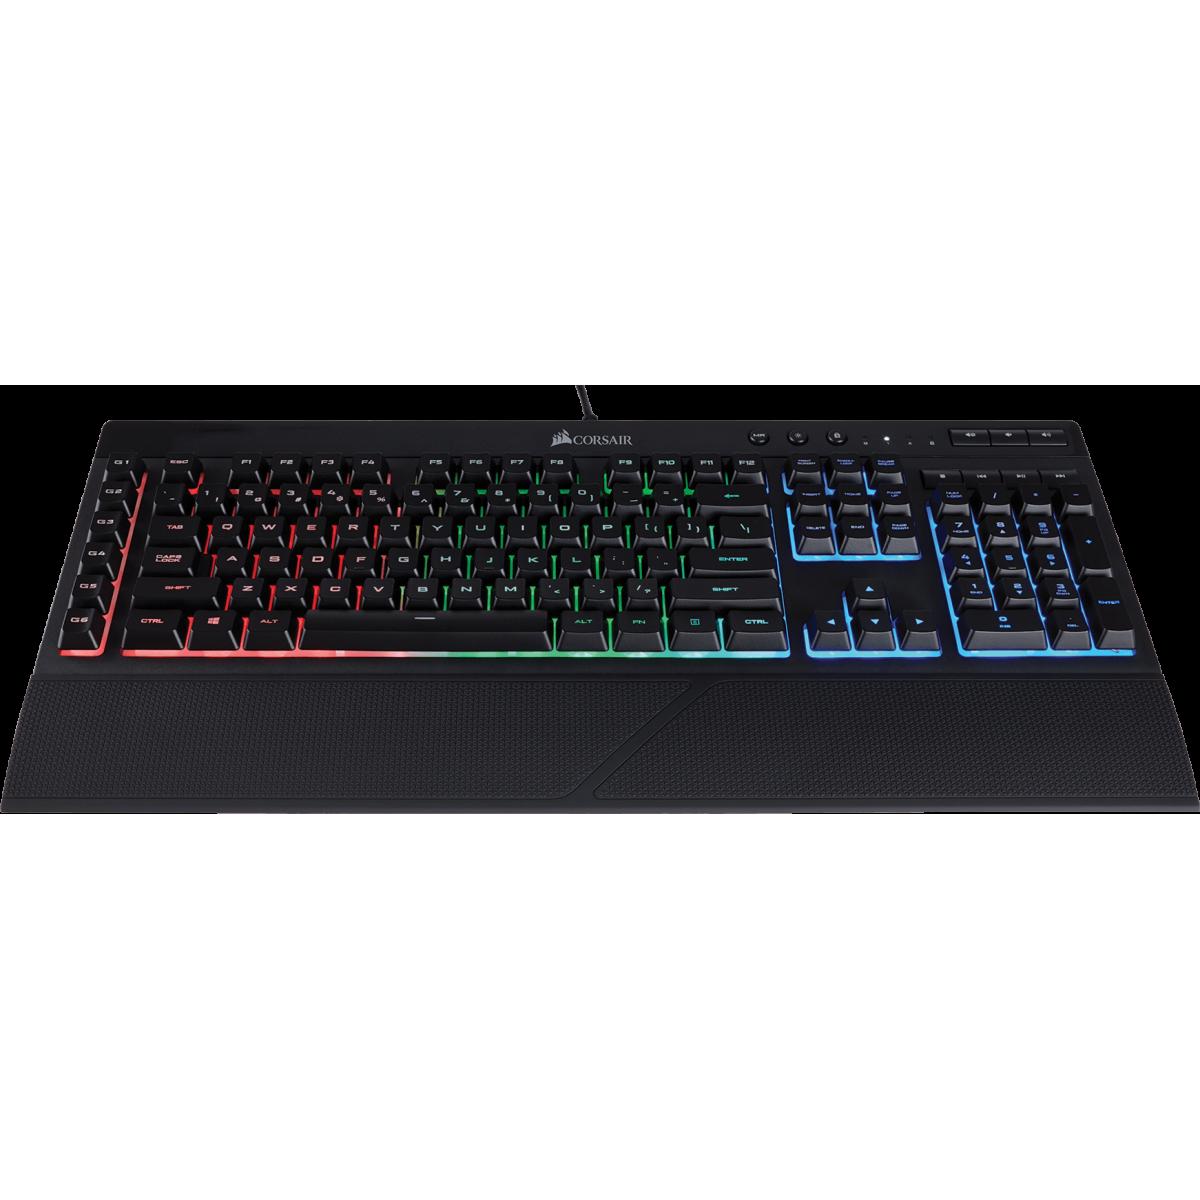 Teclado Corsair Gamer K55 RGB LED, CH-9206015-BR